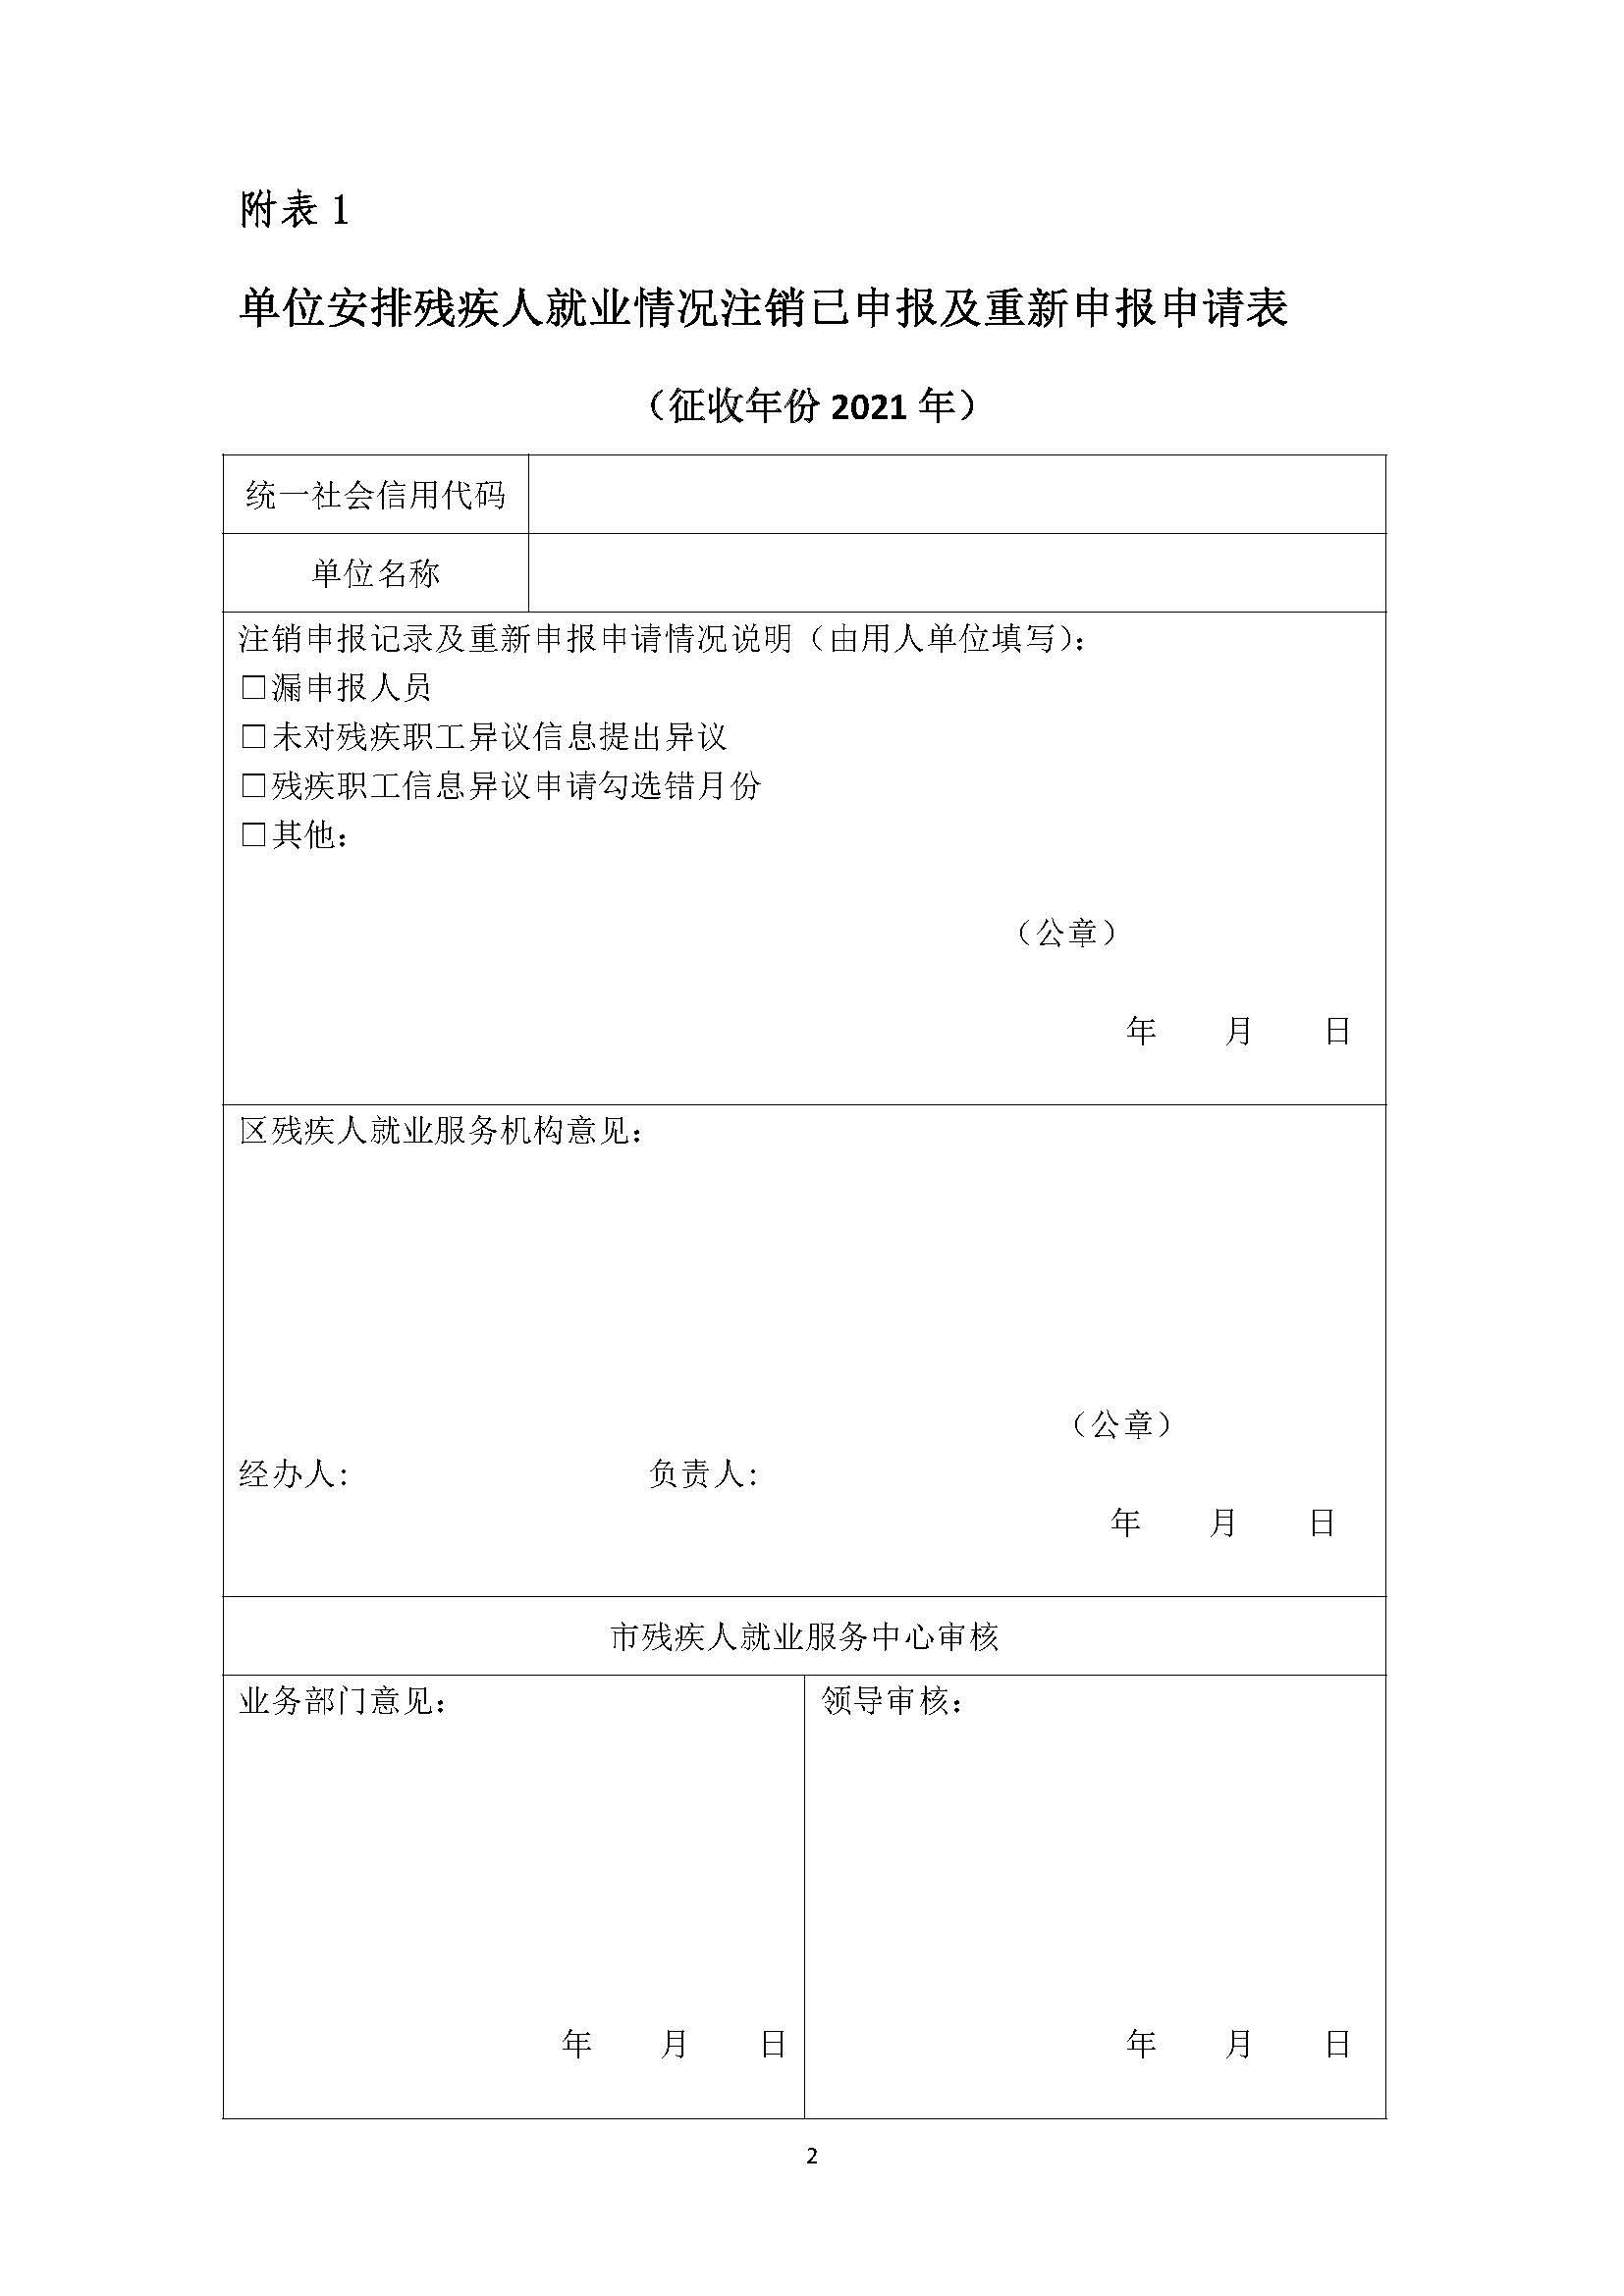 附件2-附件1:单位安排残疾人就业情况注销已申报及重新申报申请表